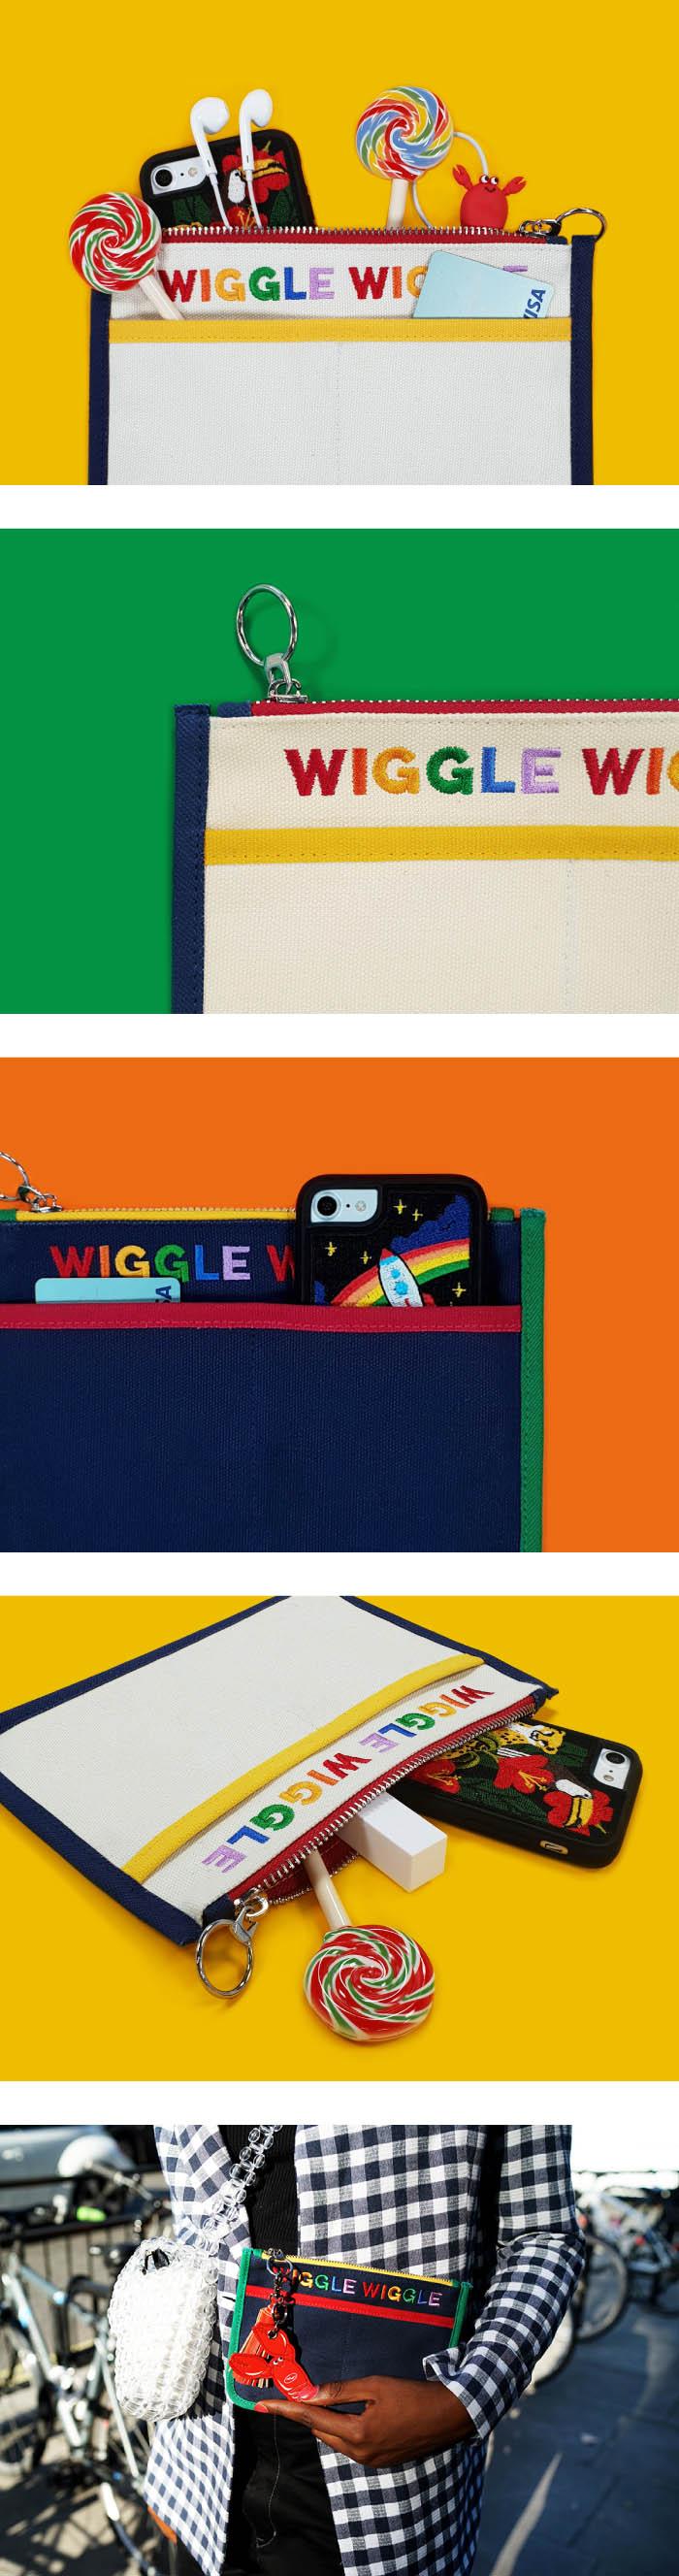 위글위글(WIGGLE WIGGLE) 캔버스 파우치